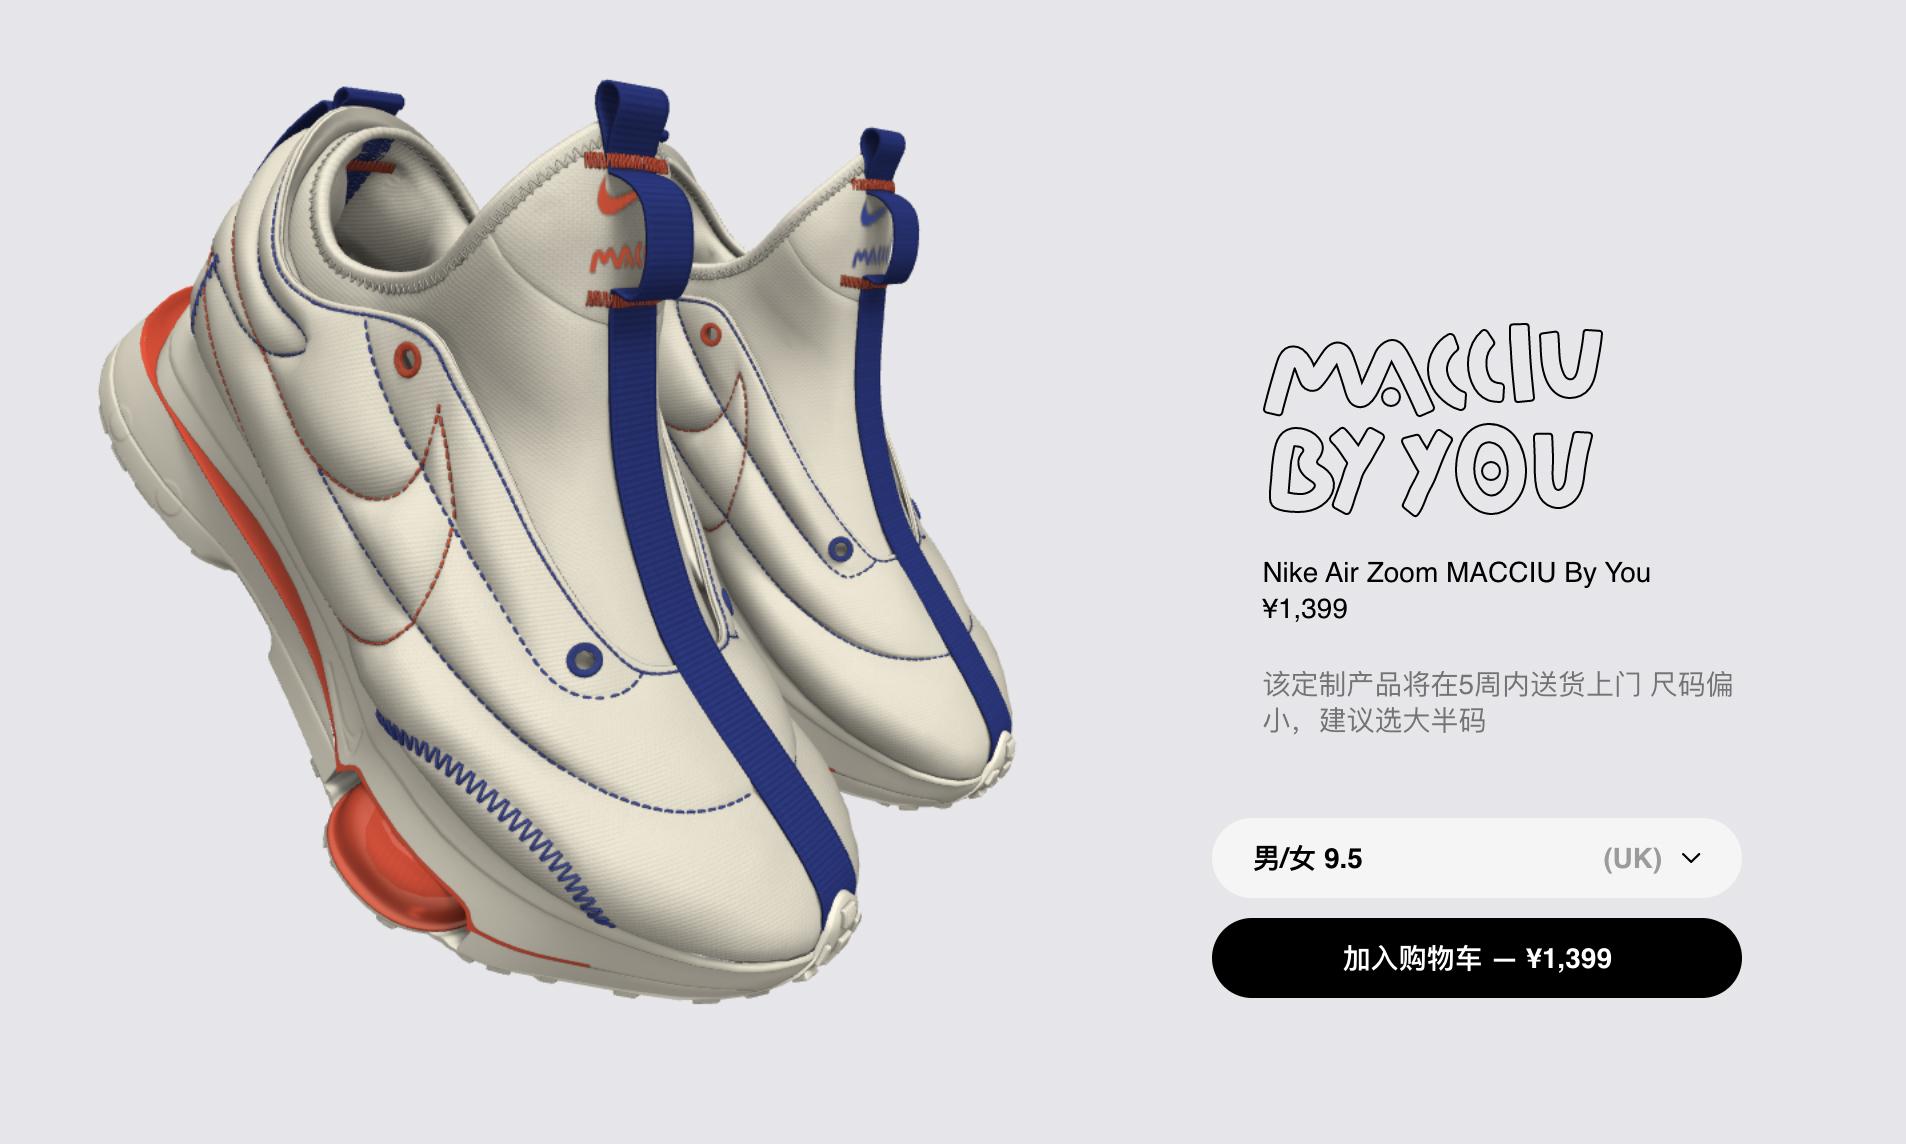 可玩性十足,Nike Air Zoom MACCIU By You 正式上线